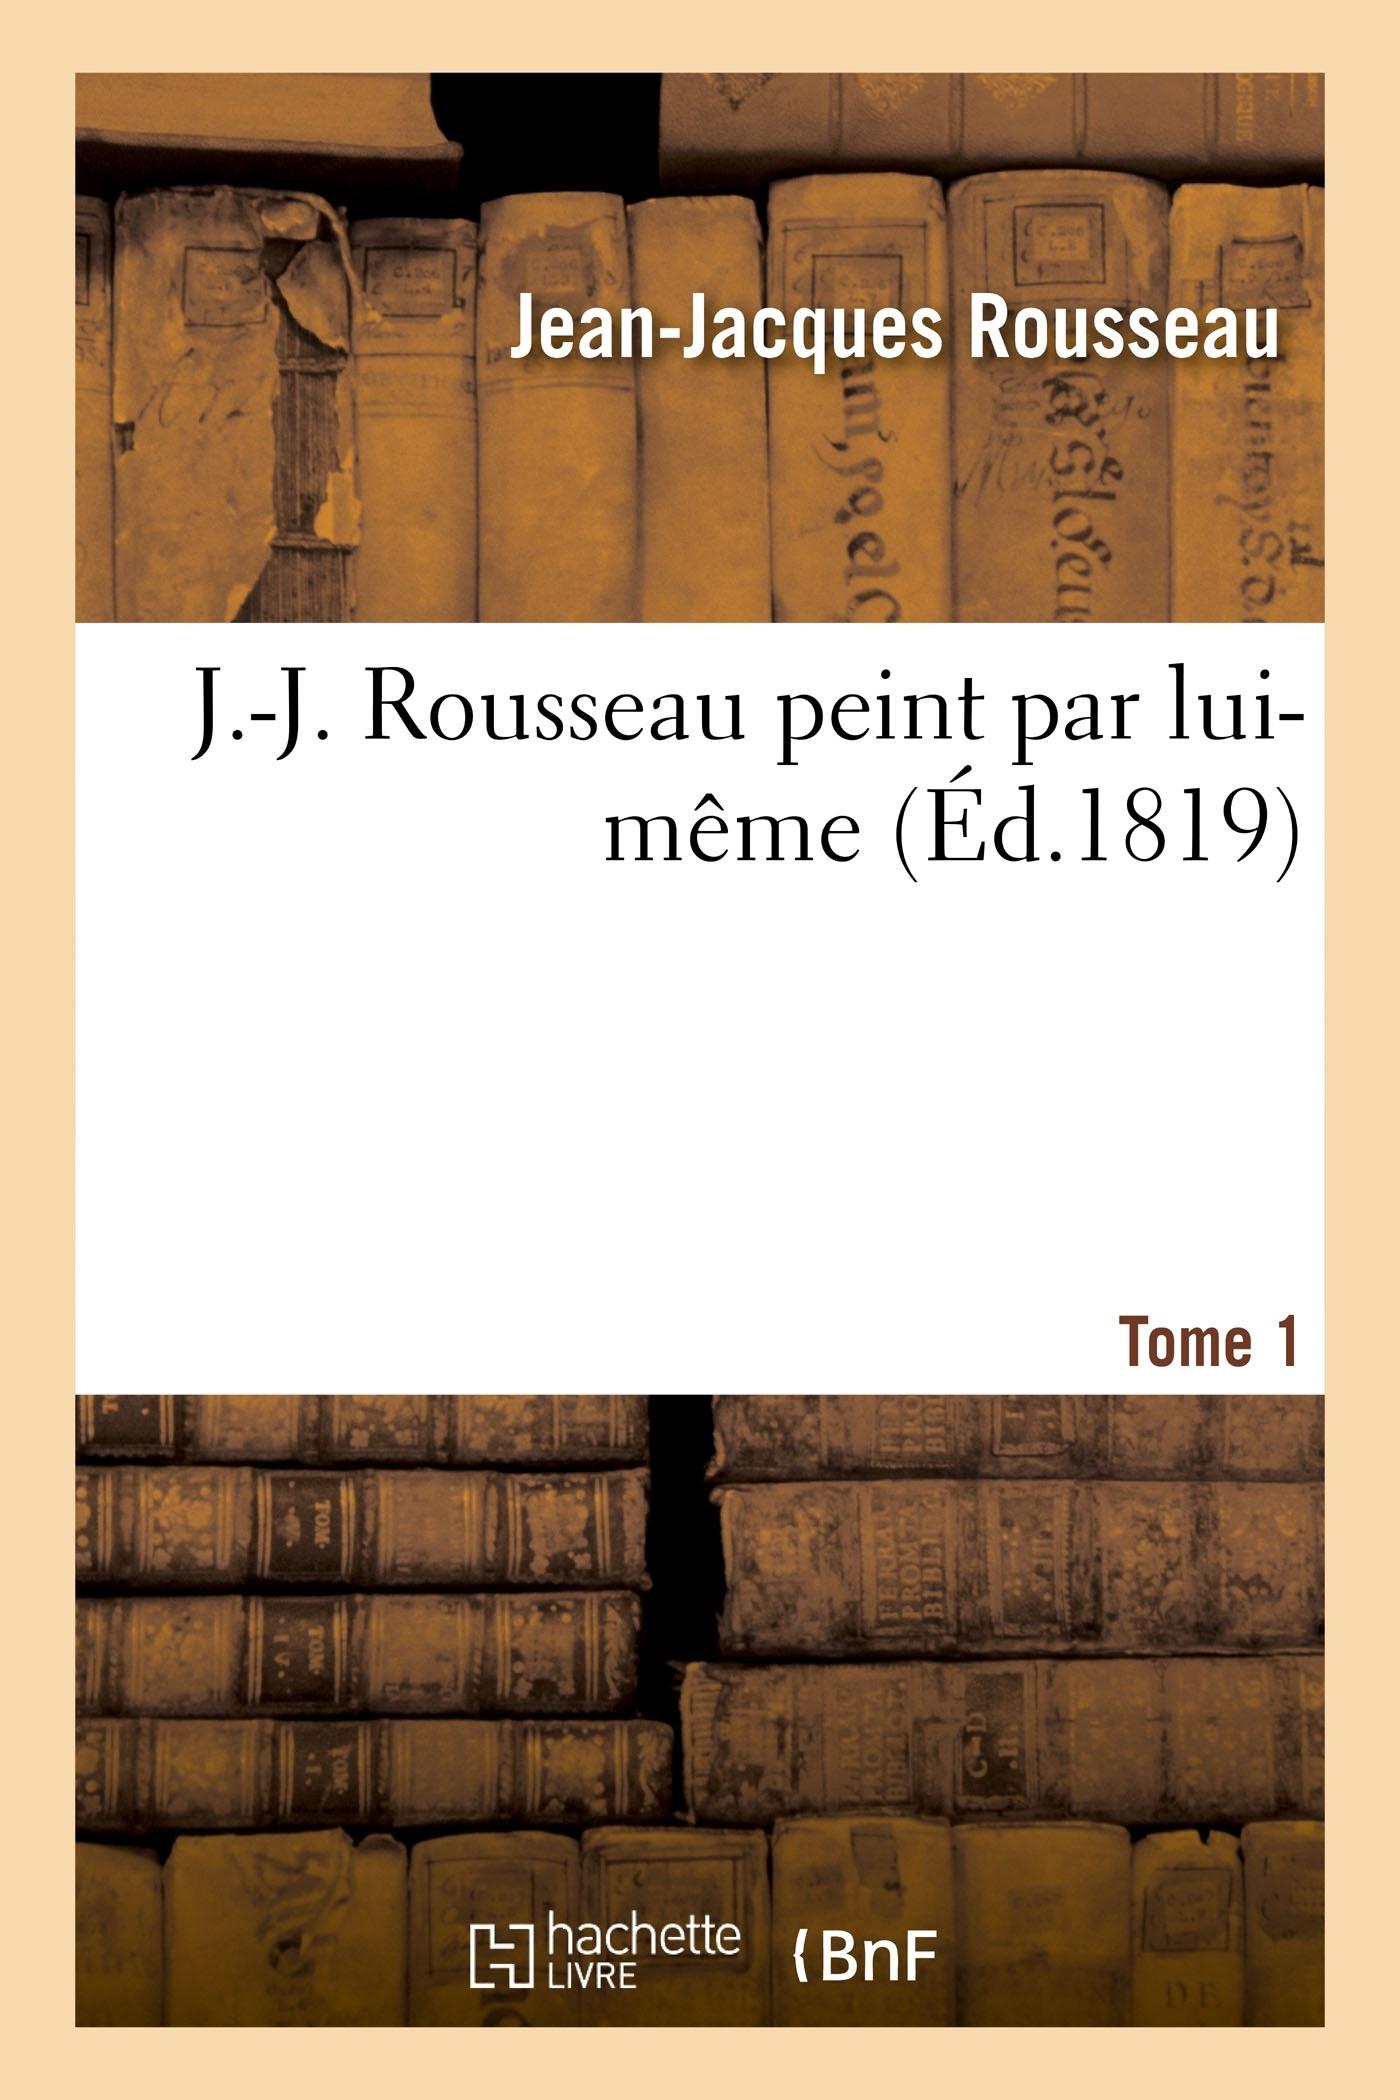 J.-J. ROUSSEAU PEINT PAR LUI-MEME. TOME 1